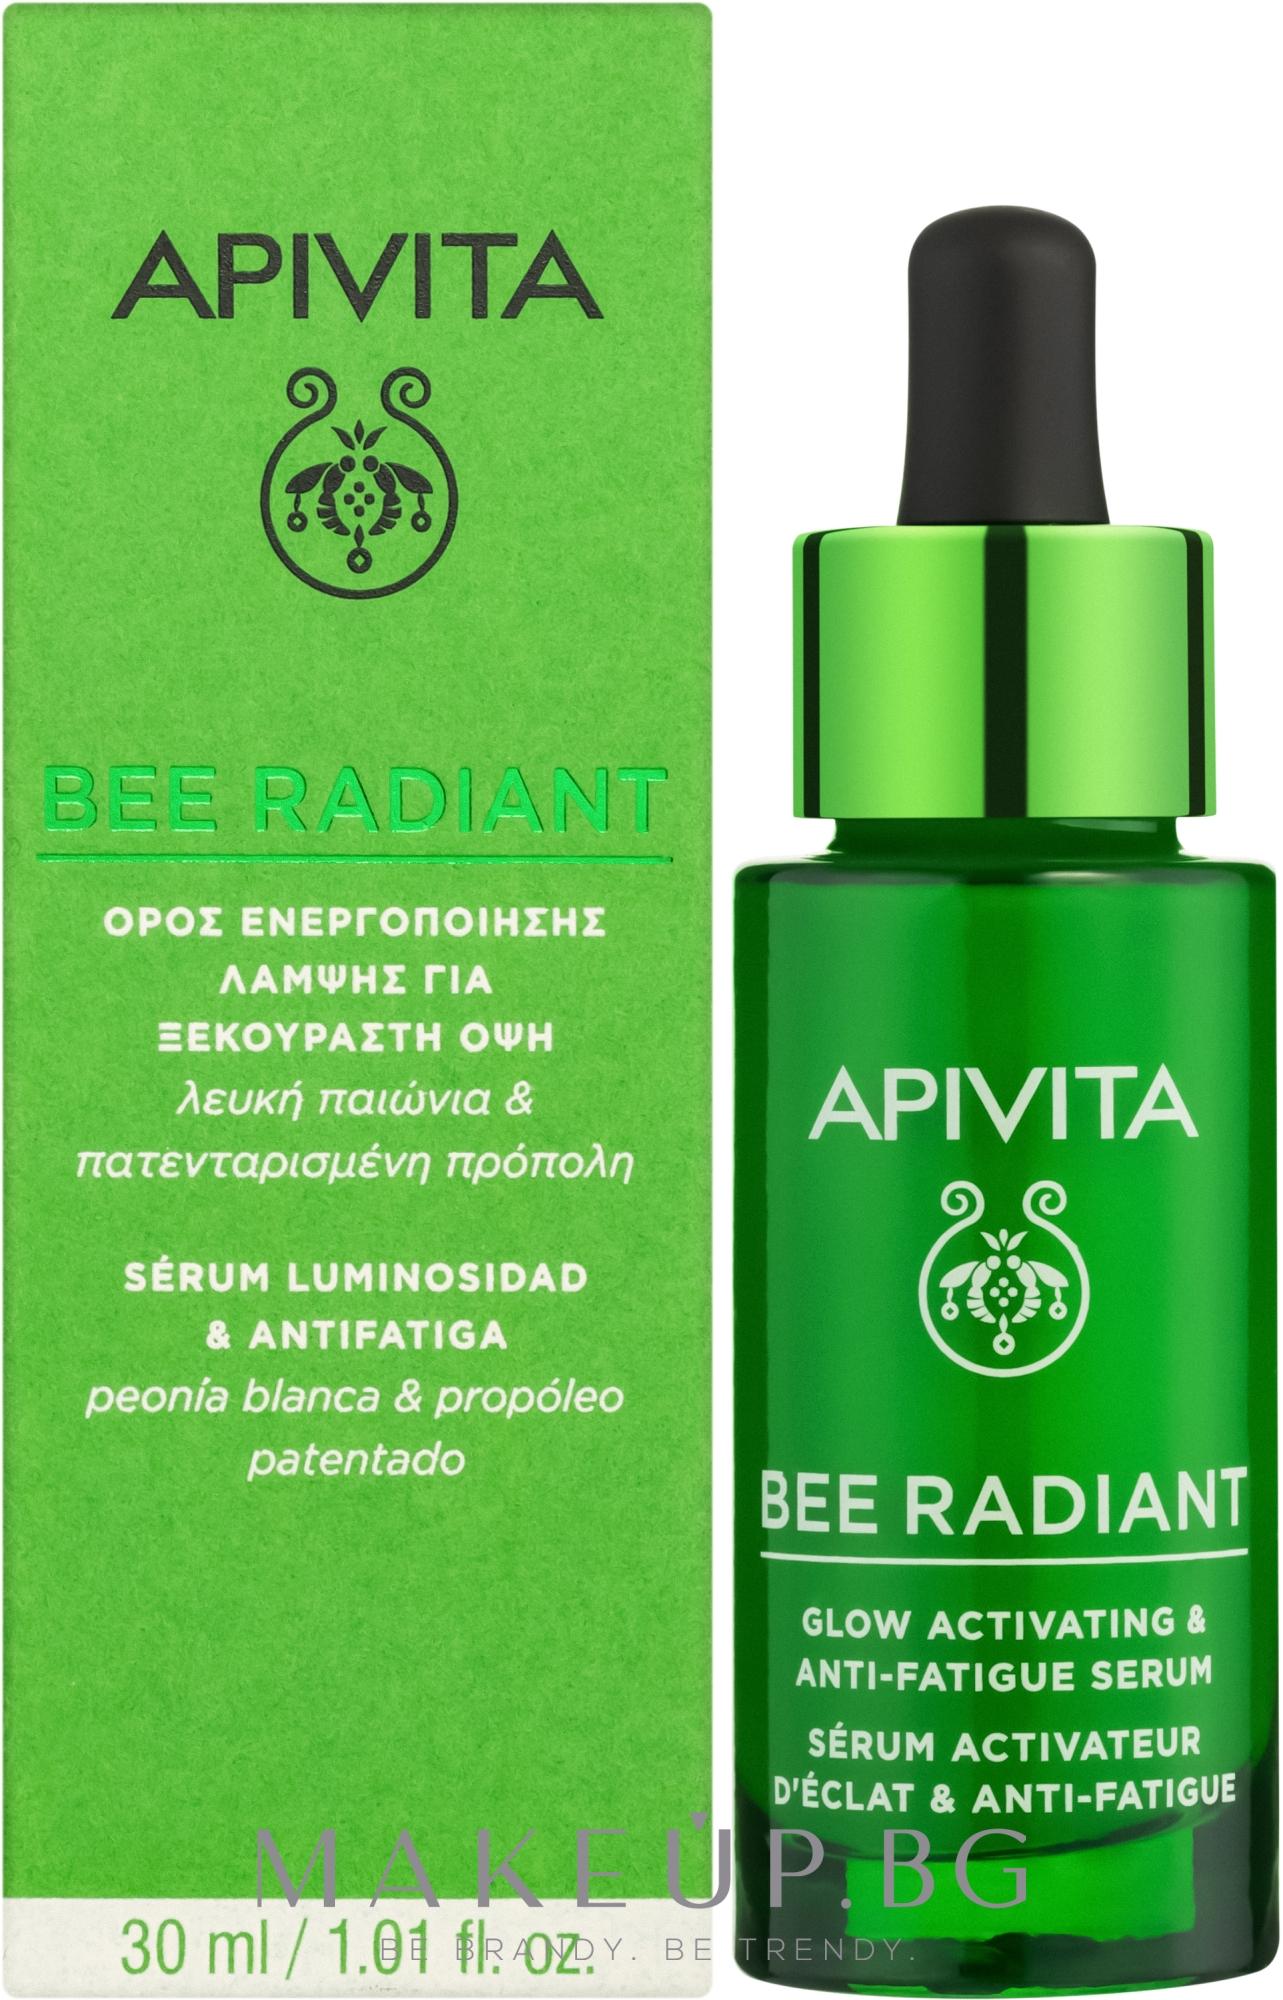 Изсветляващ хидратиращ серум за лице против стареене - Apivita Bee Radiant Glow Activating & Anti-Fatigue Serum — снимка 30 ml